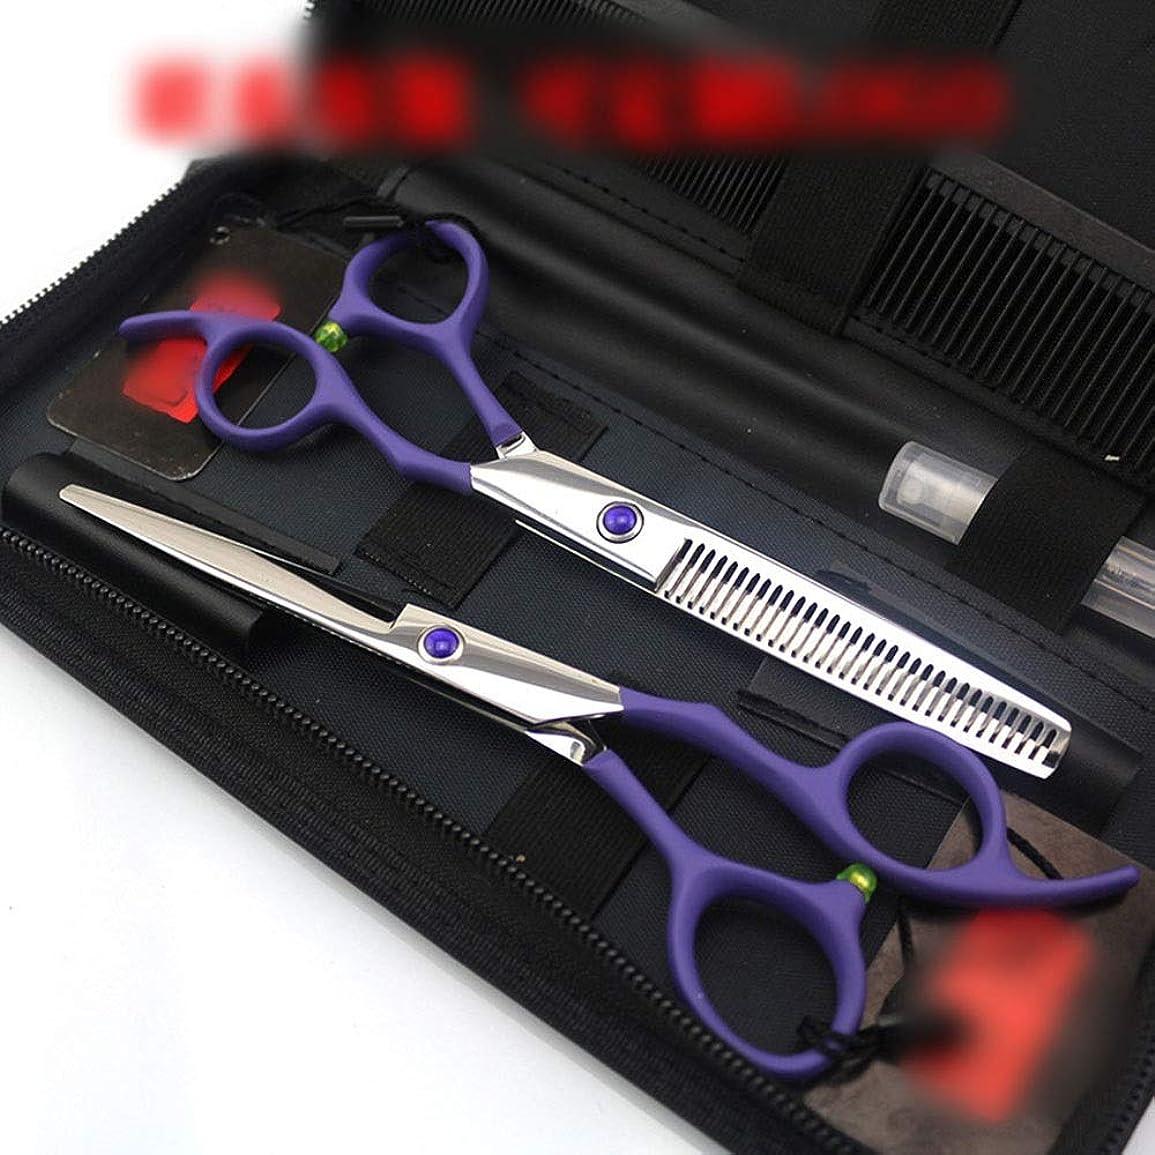 Hairdressing 6.0インチの紫色の専門の理髪はさみ、平はさみ+歯のせん断の美容院のはさみ理髪道具の毛の切断はさみのステンレス製の理髪師のはさみ (色 : 紫の)